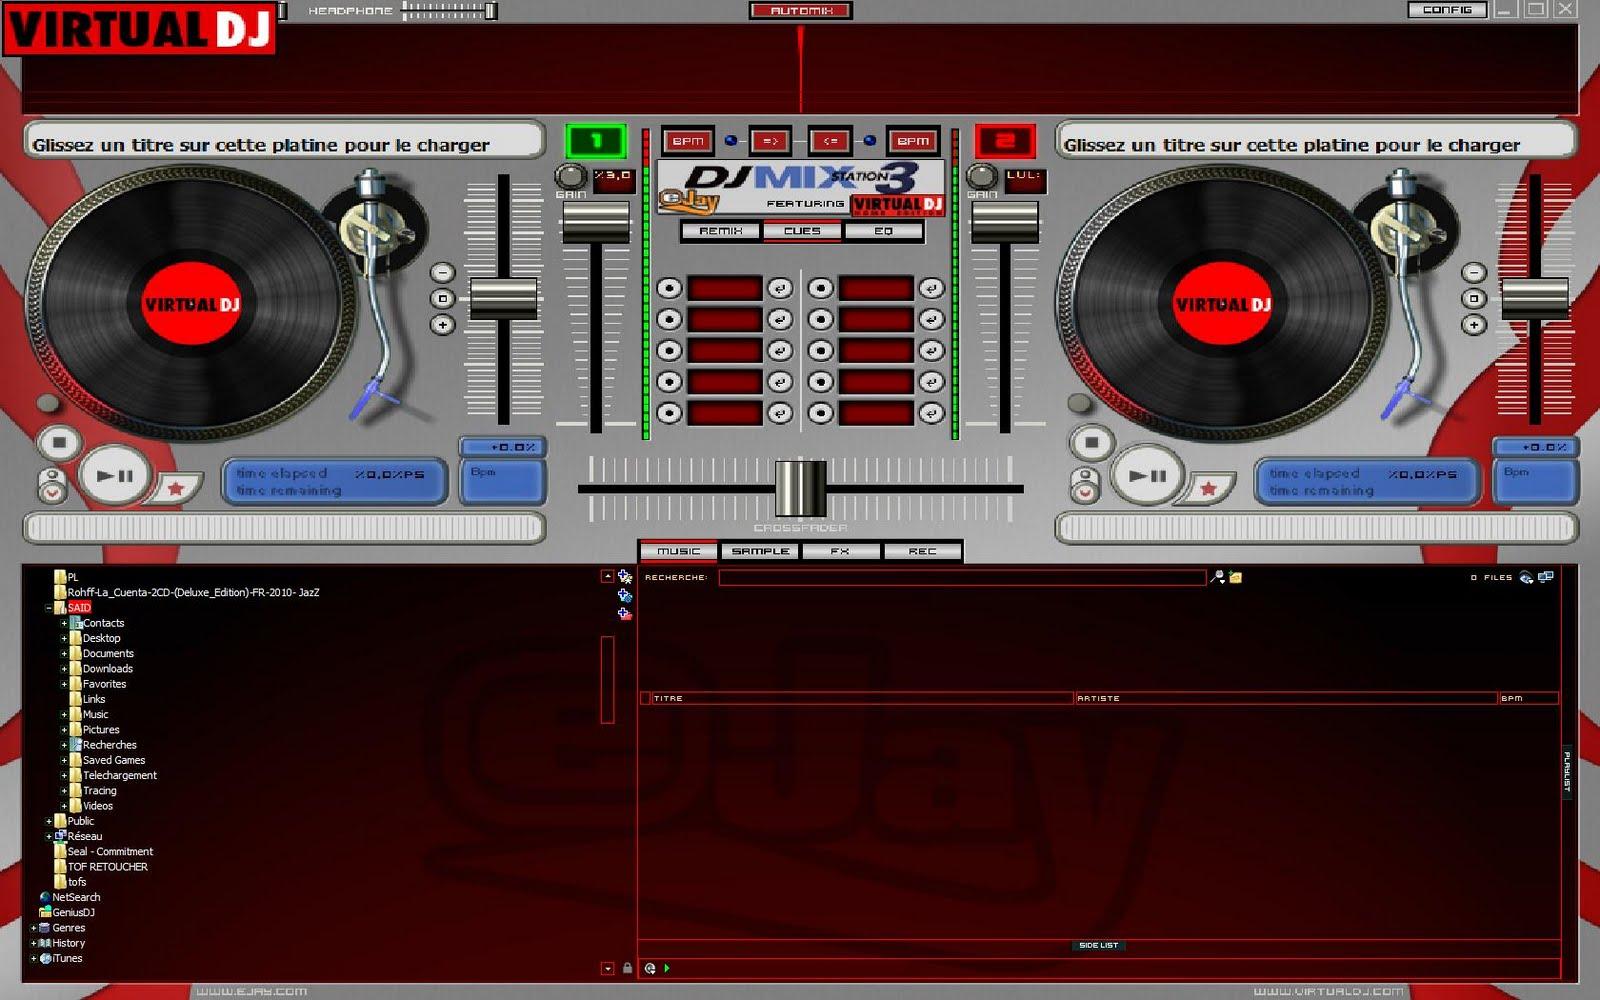 Dj mixstation 3